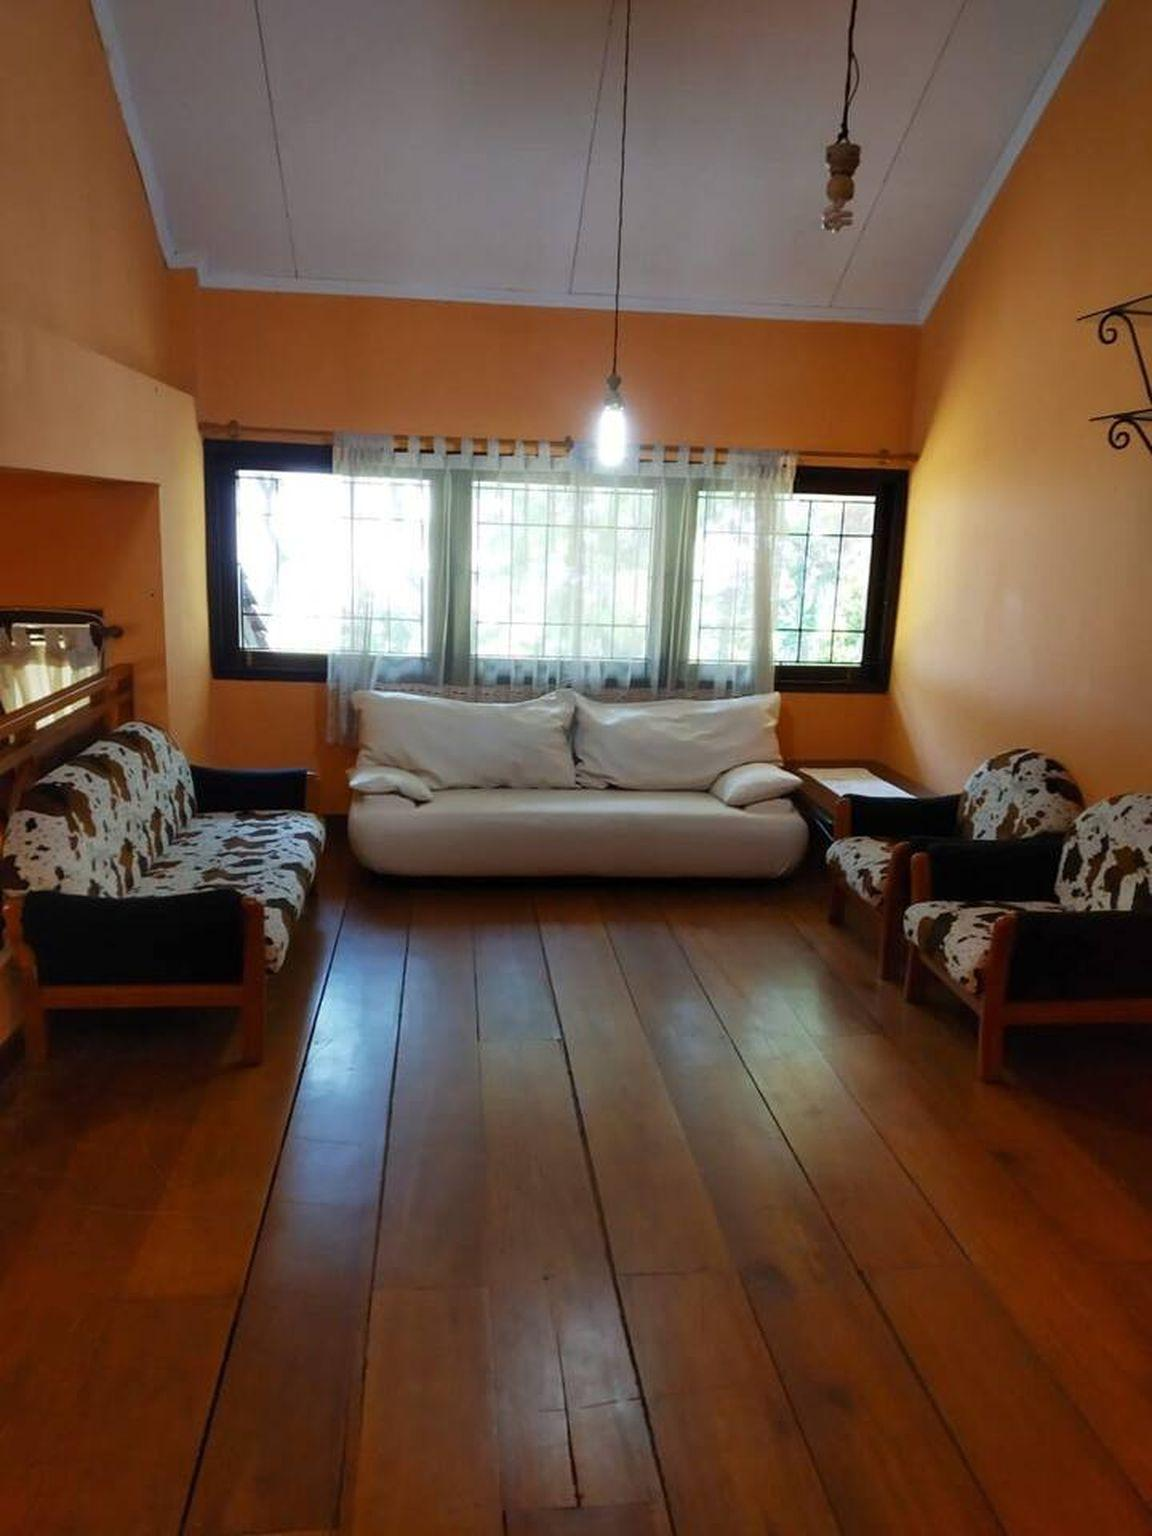 Emway 5 Bed Room Villa Kampung Daun